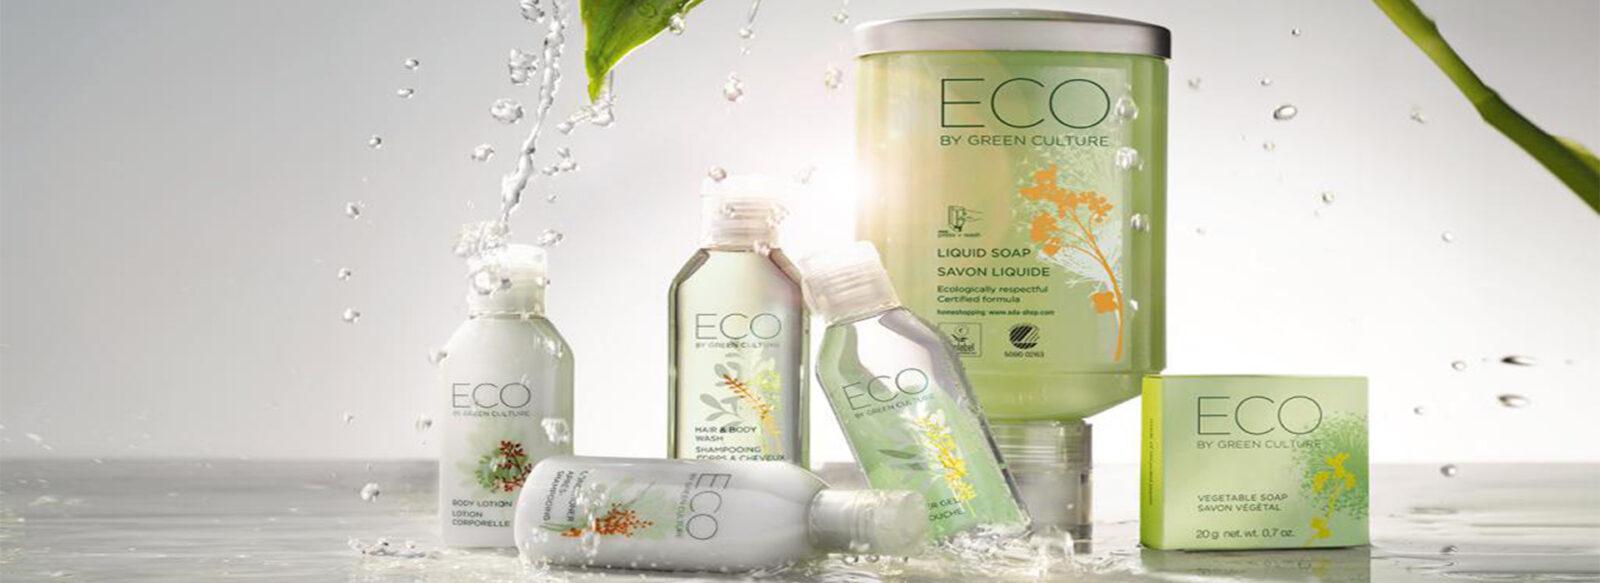 Косметика для гостиниц и отелей ECO by Green Culture